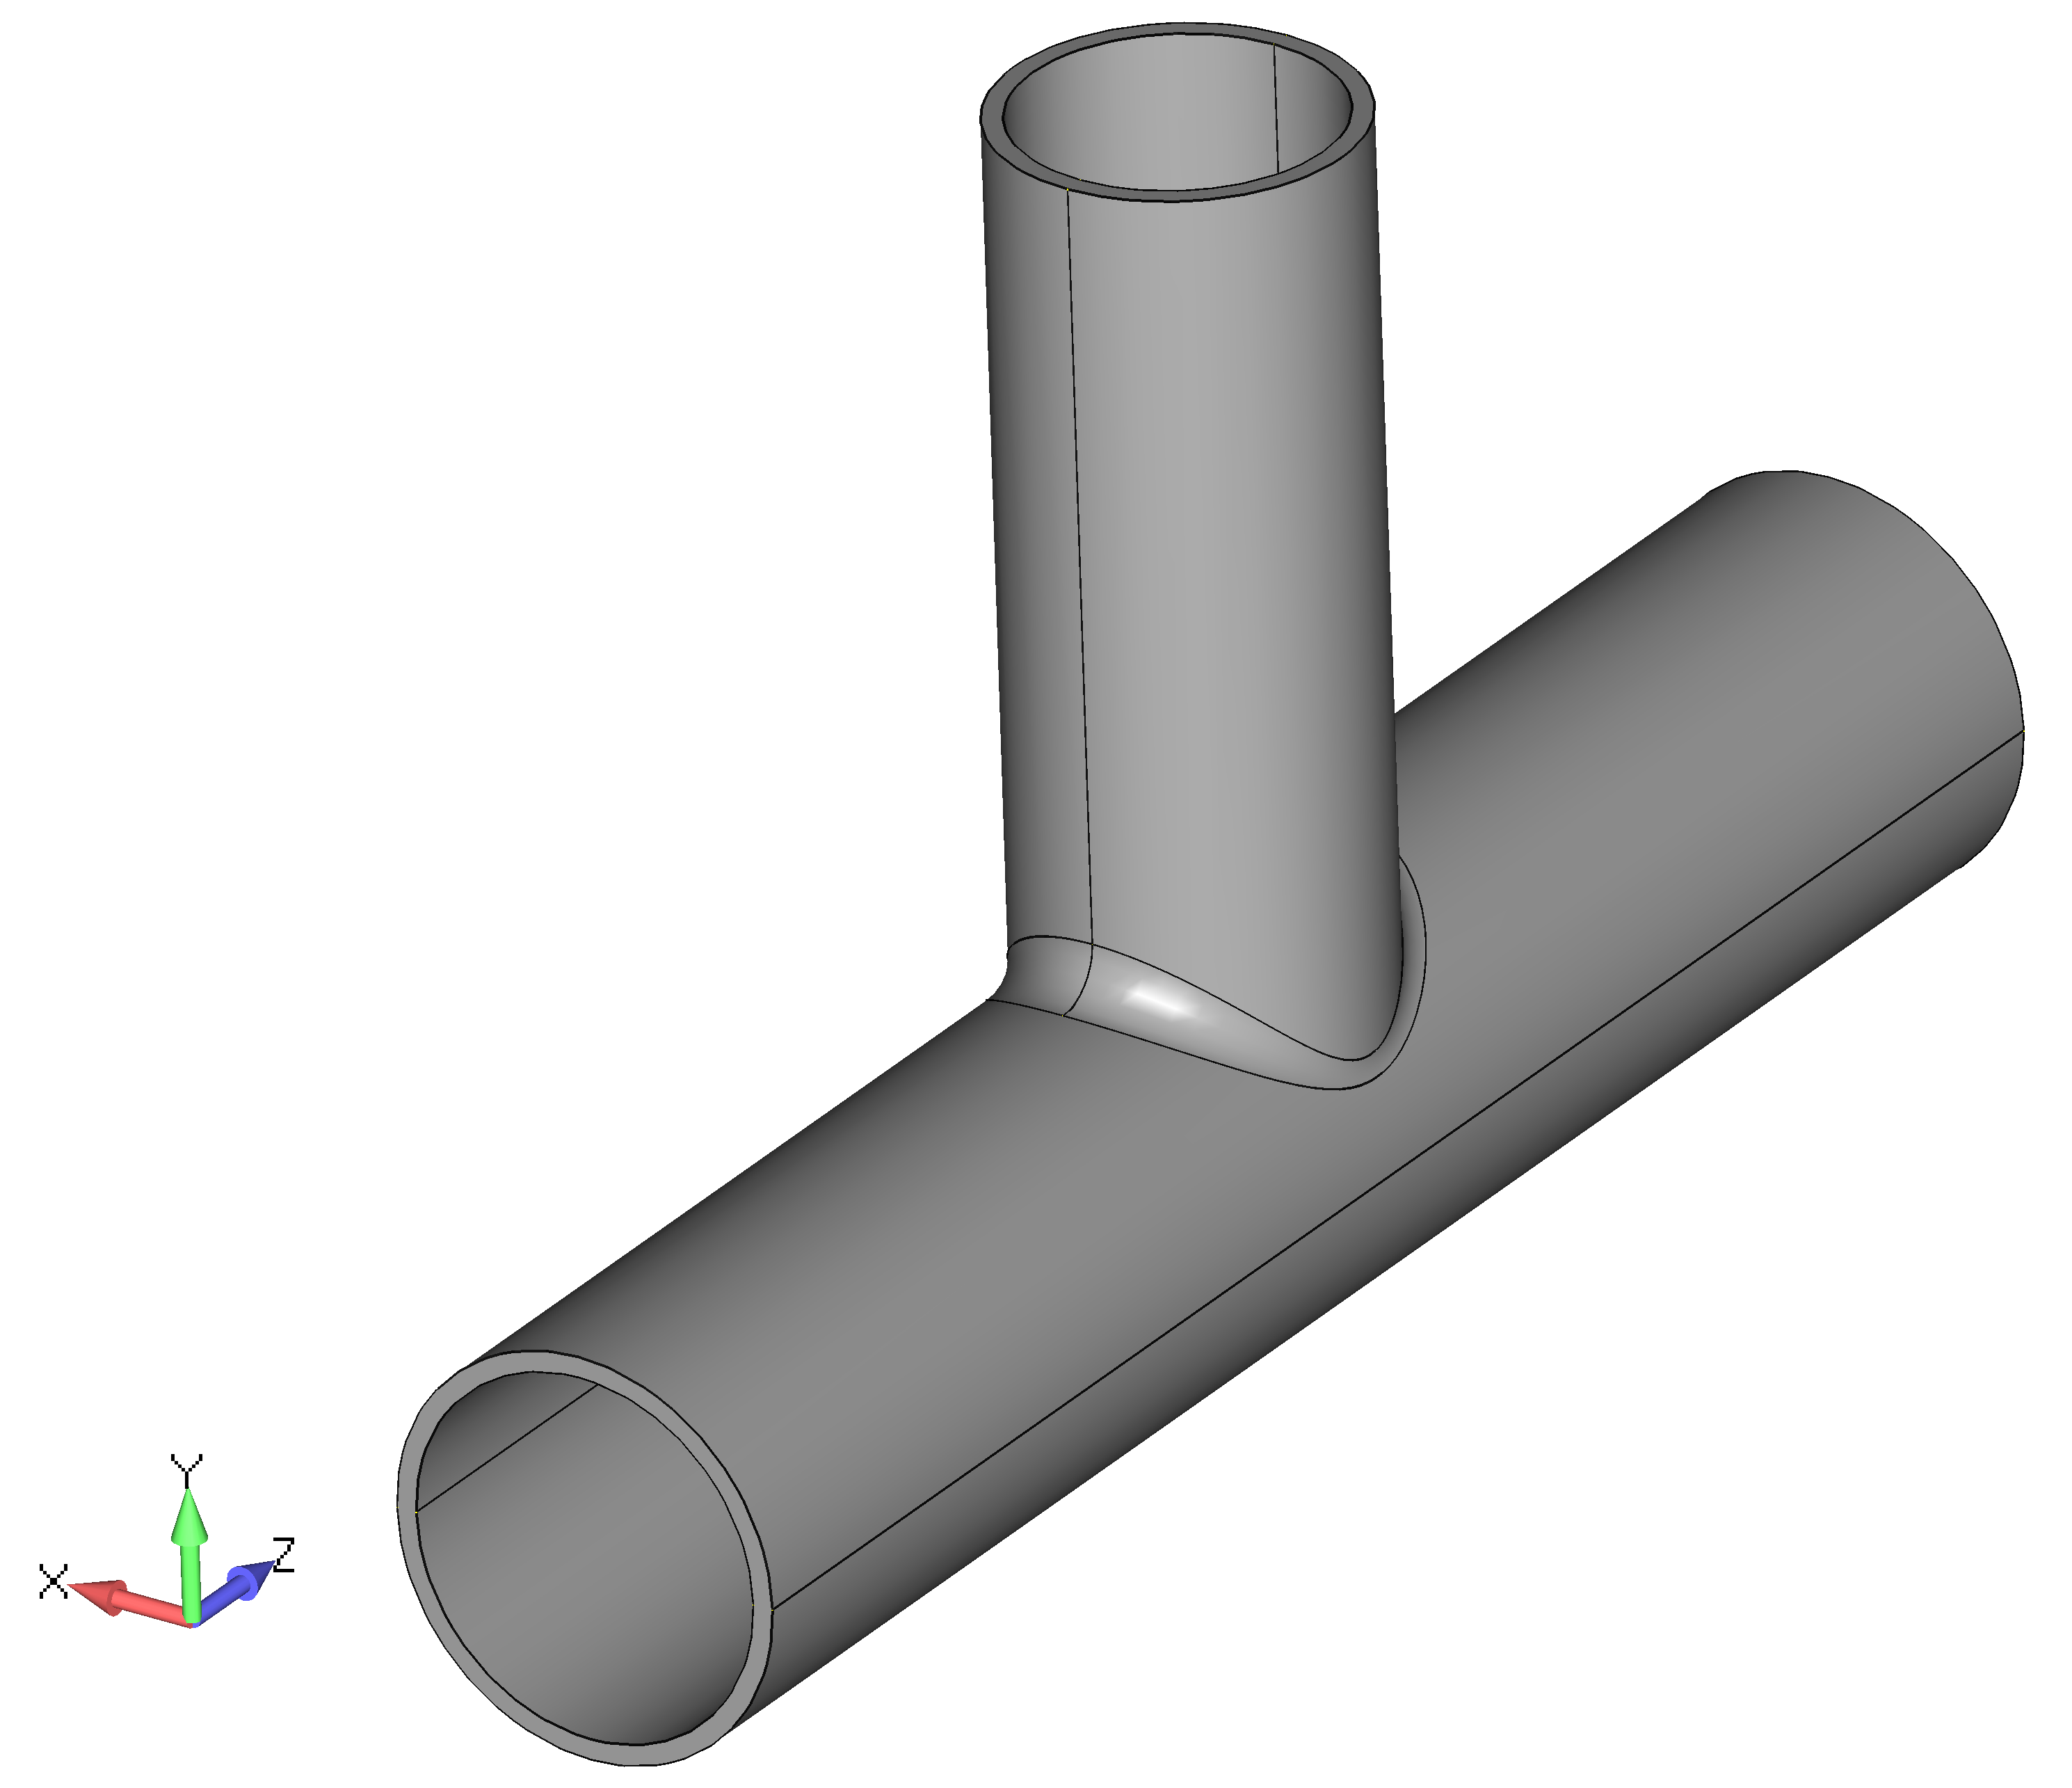 Femap NX Nastran импорт модели сварной трубы